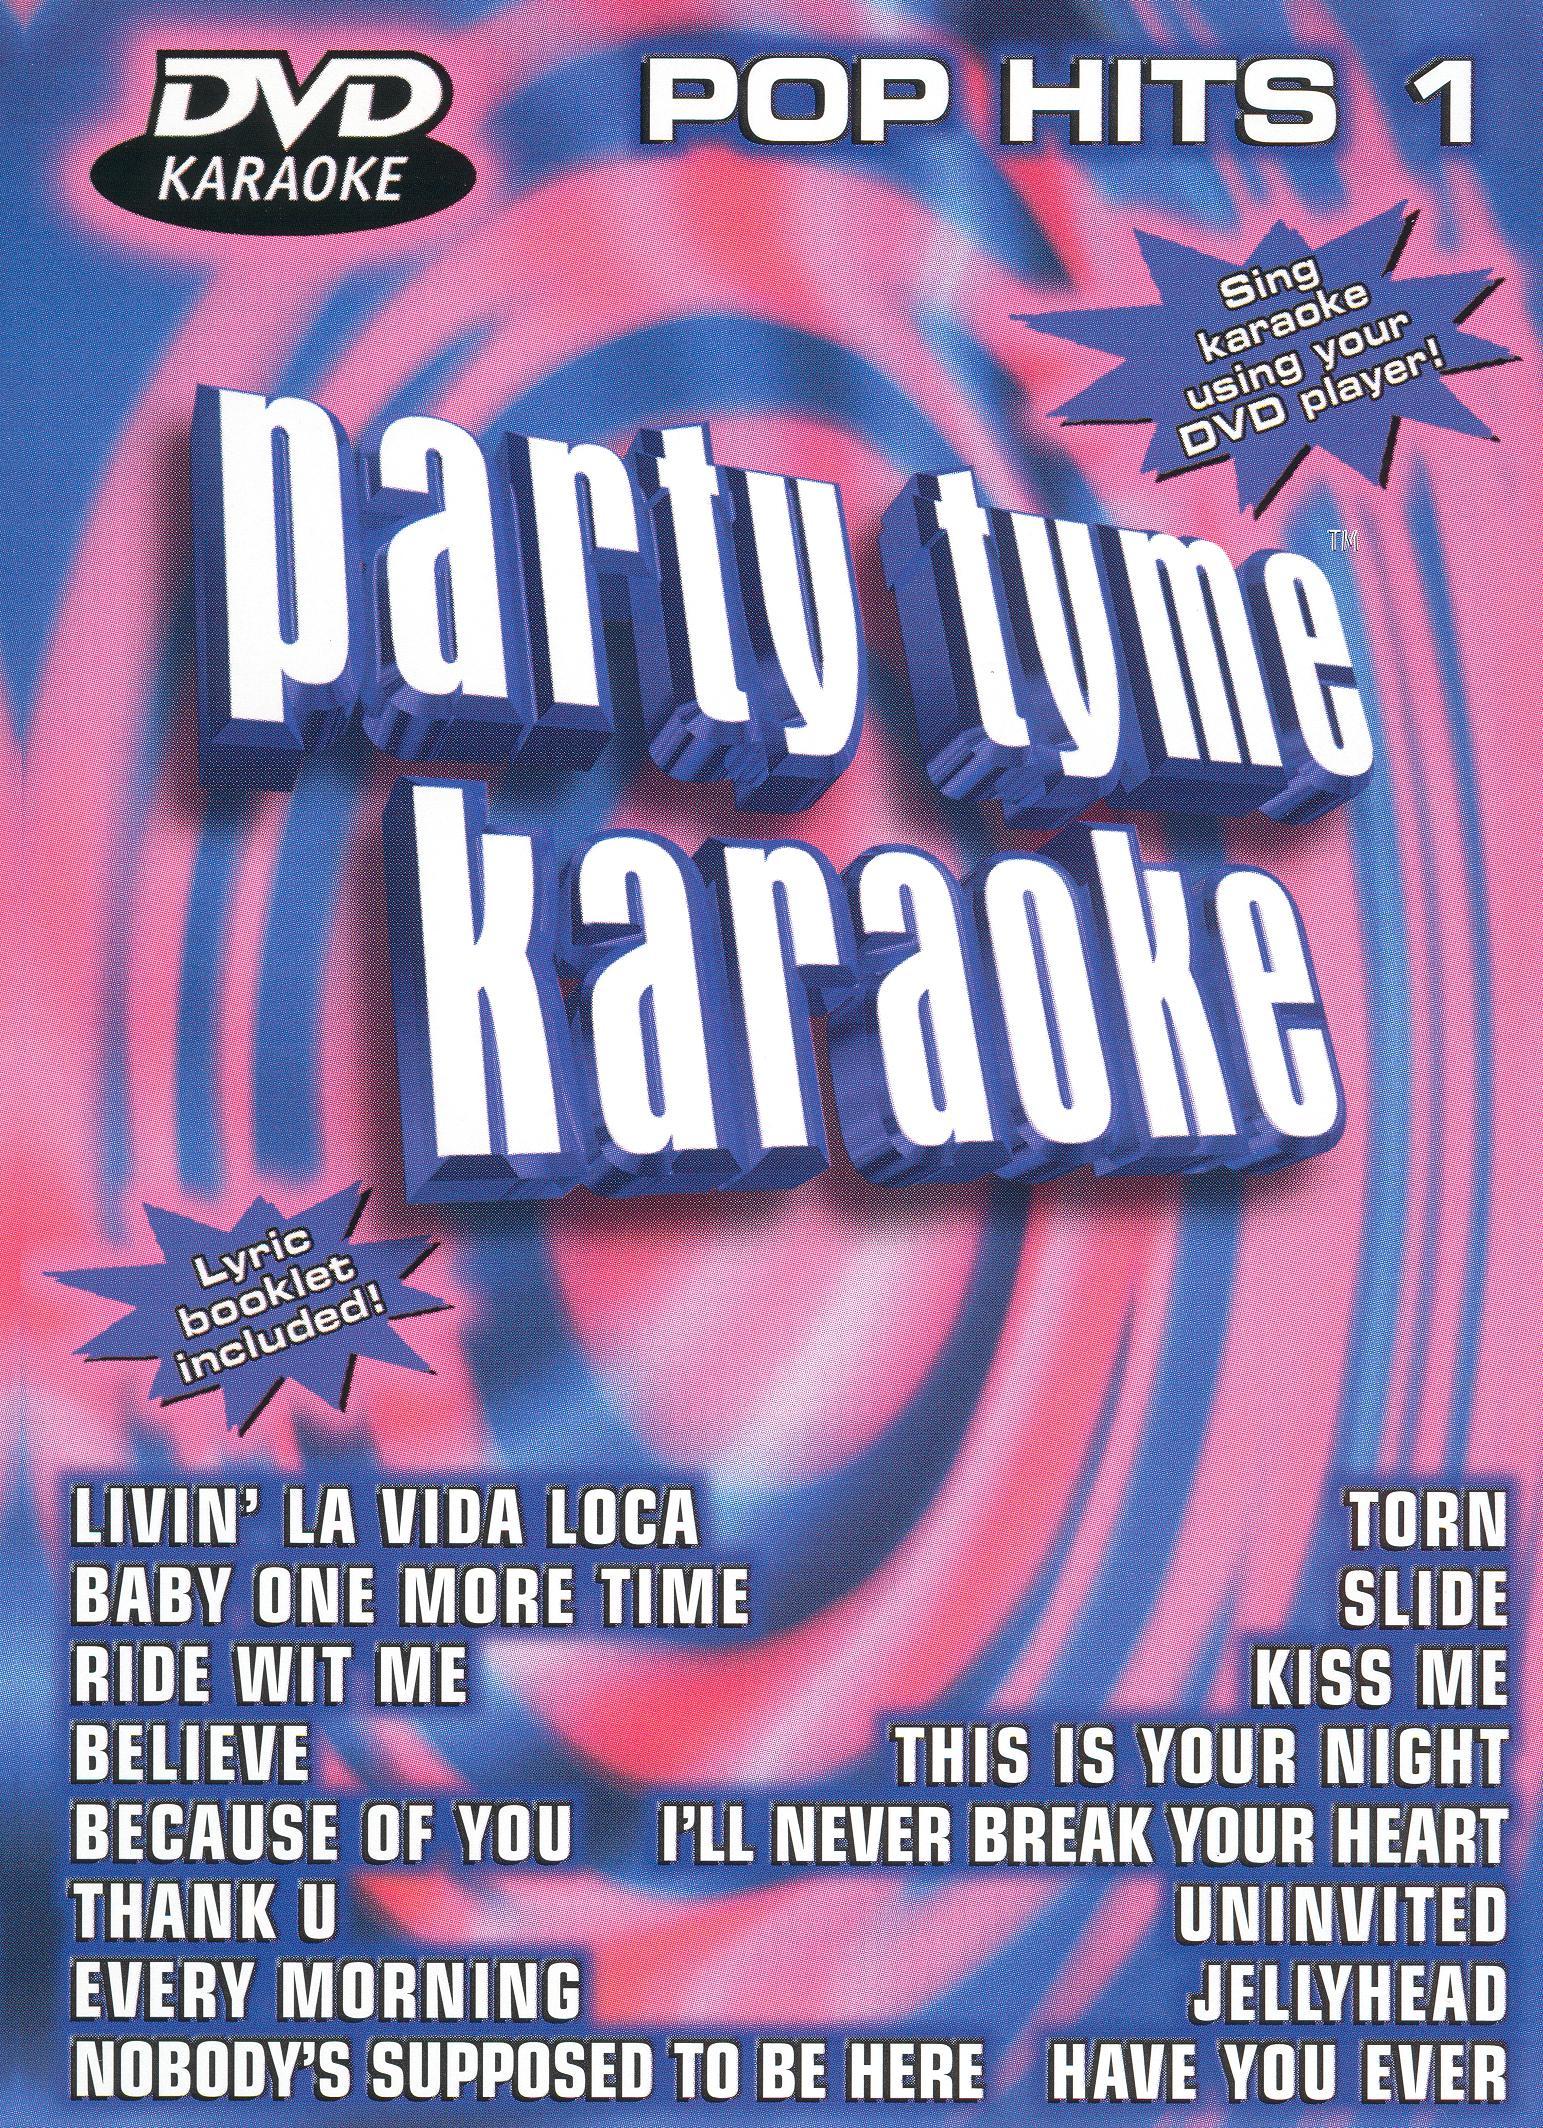 Party Tyme Karaoke: Pop Hits, Vol. 1